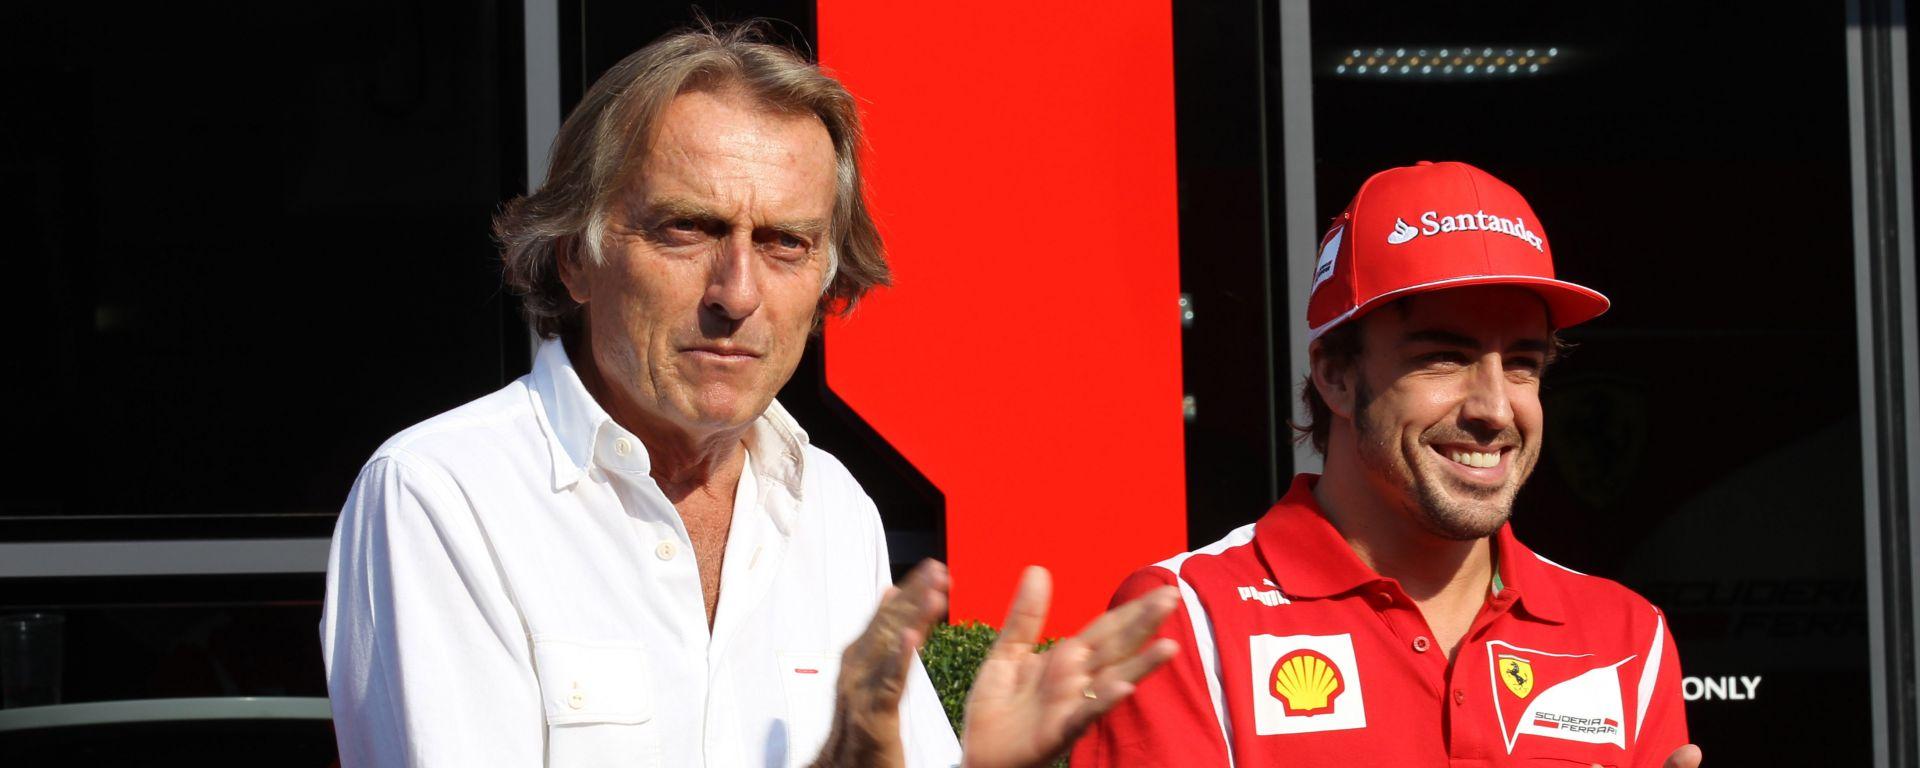 F1, Montezemolo duro su Alonso? L'ex pilota Ferrari smentisce